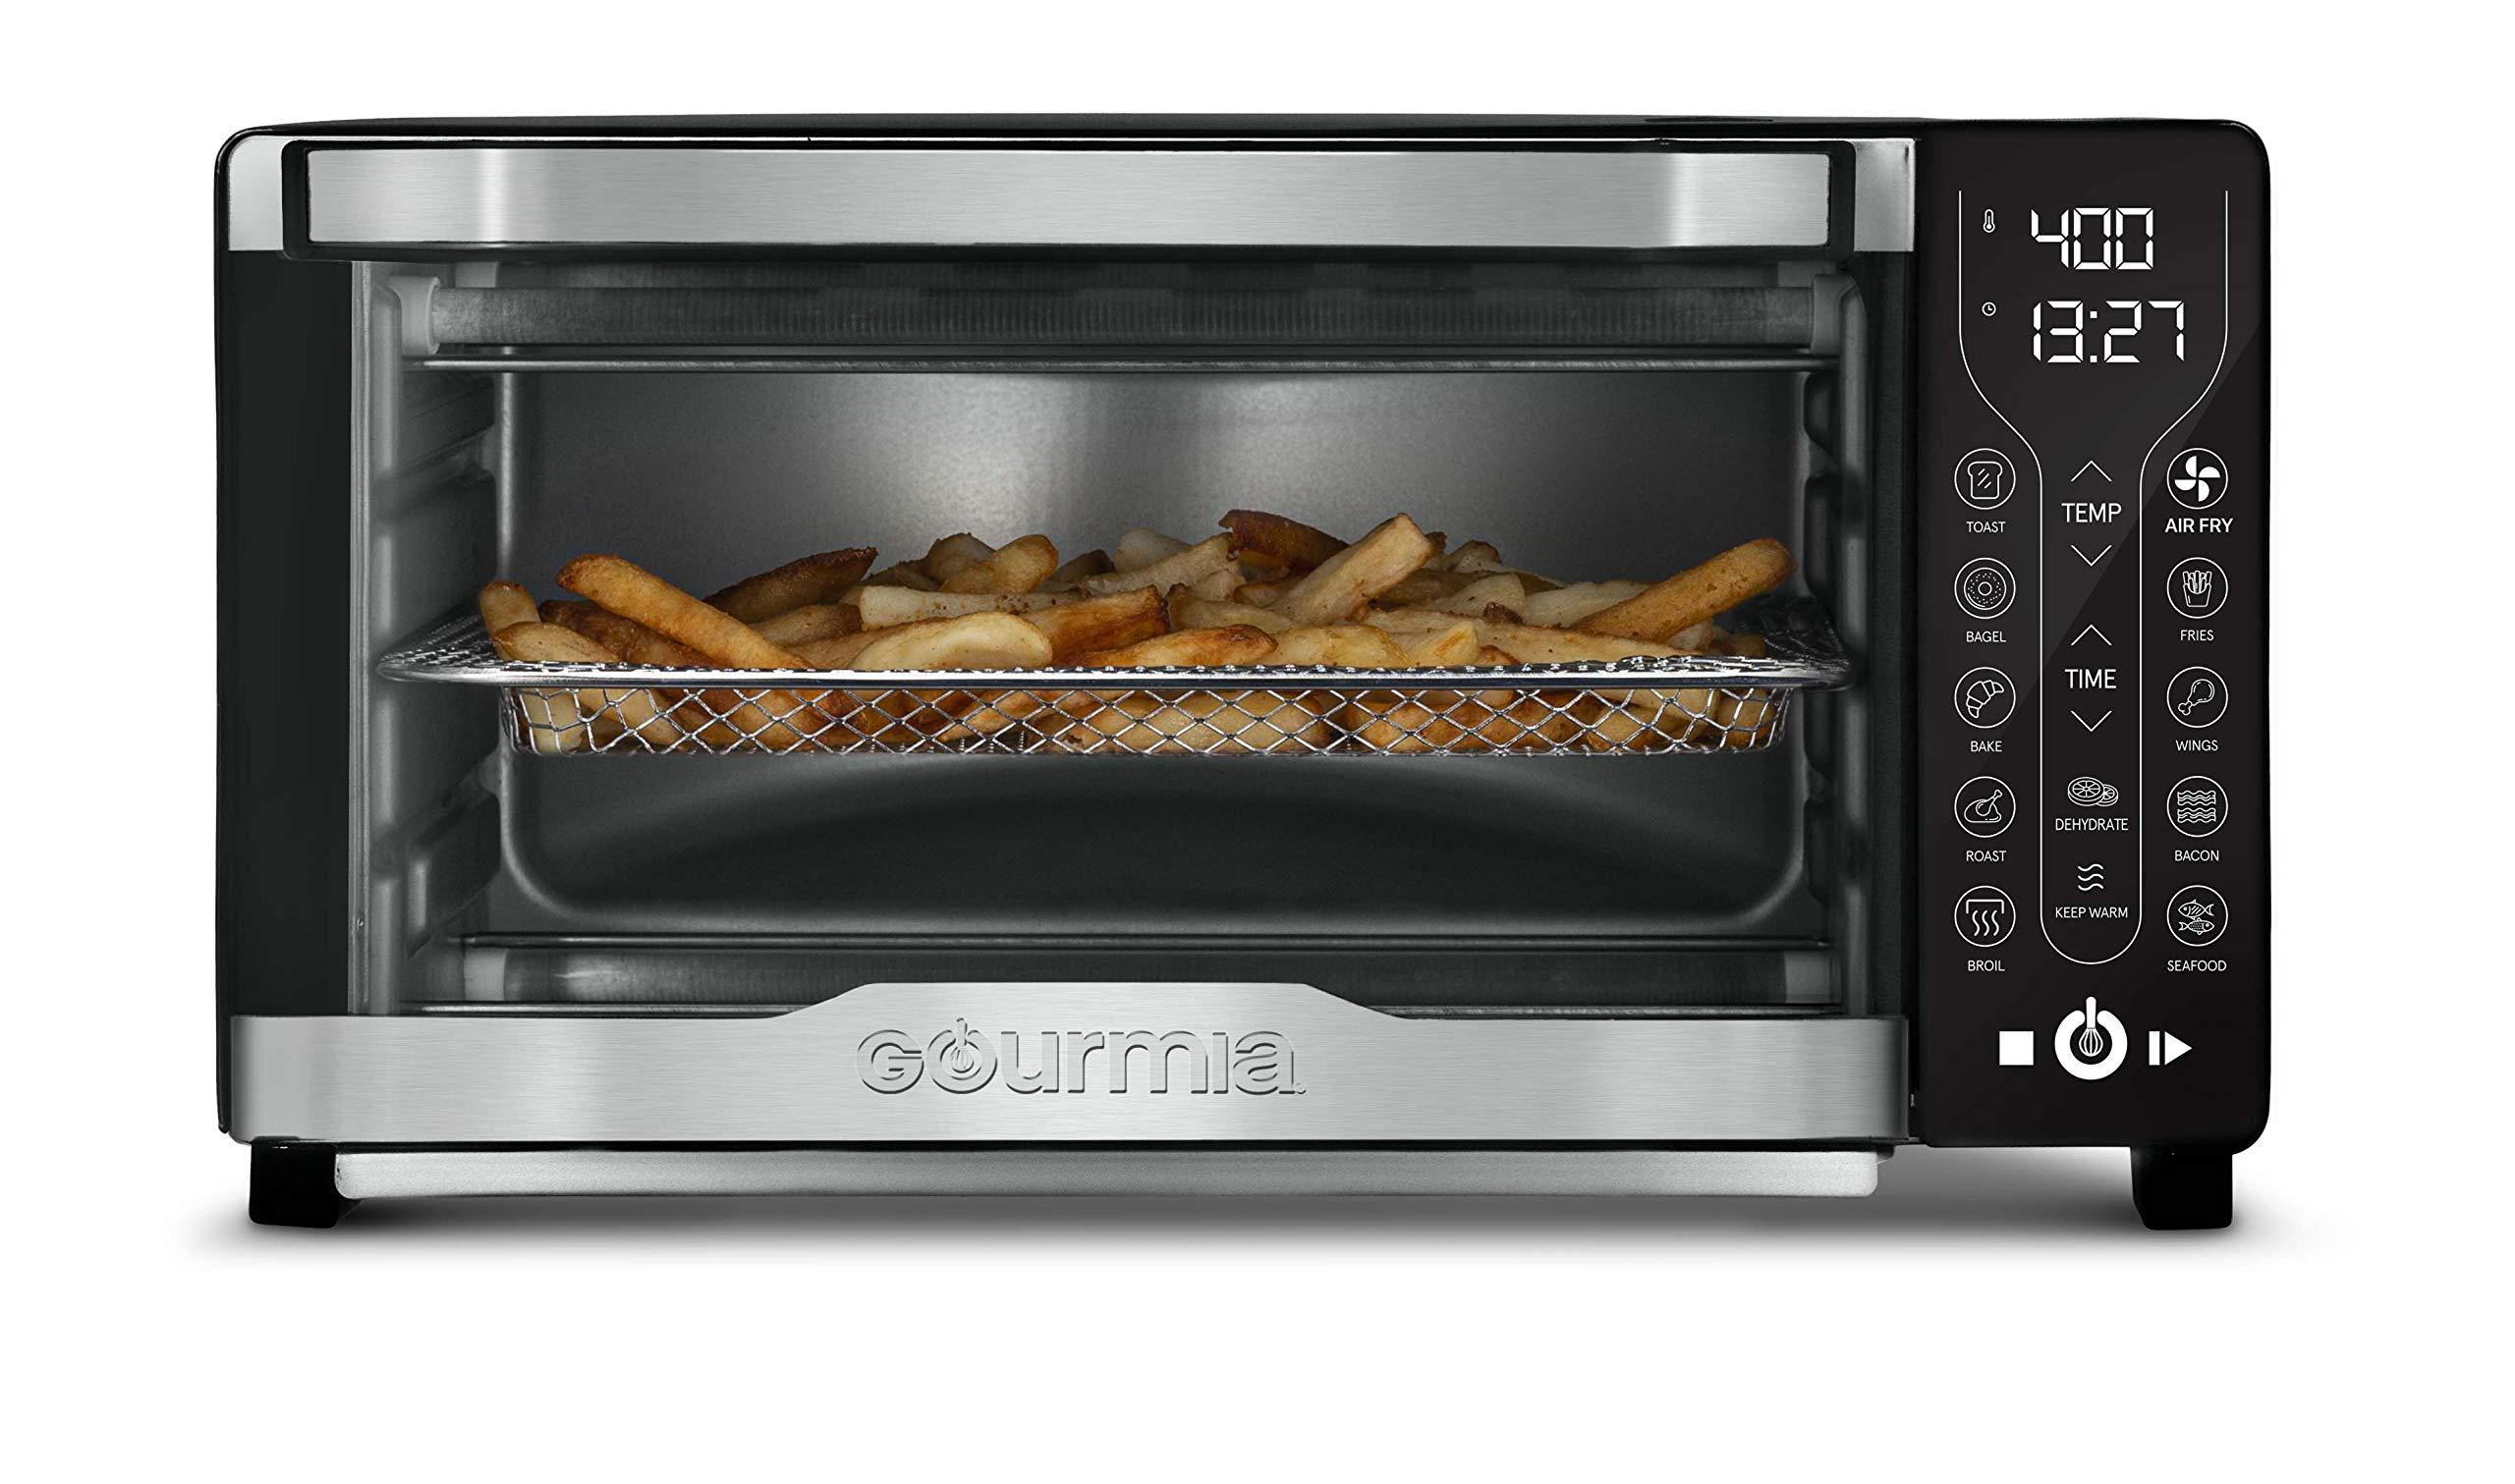 Gourmia GTF7355 Multi function Digital Fryer